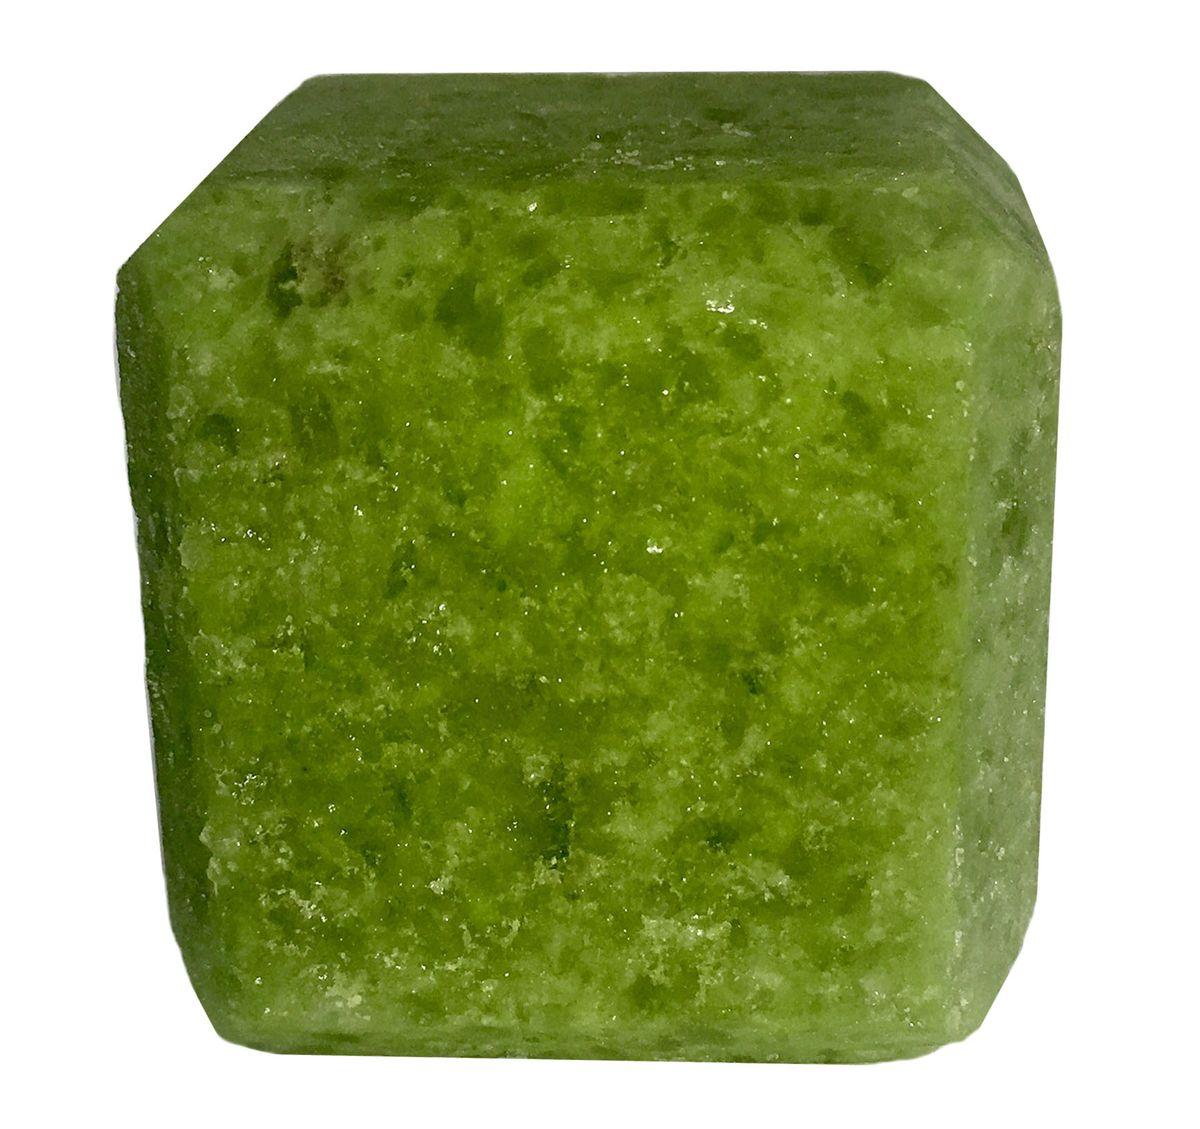 Соль для бани Proffi Sauna, с маслом кедраPS0549Прессованный кубик из соли Proffi Sauna подходит для сауны и бани. Имеет приятный аромат кедра.Заходя в бане / сауне в парилку, Вы ставите кубик из соли на камни и поливаете камень водой. В результате образуется облако соляного пара, а по всей парилке разносится приятный аромат. 1 кубик рассчитан на 1 применение.Состав: чистая природная структурированная соль, эфирное масло.